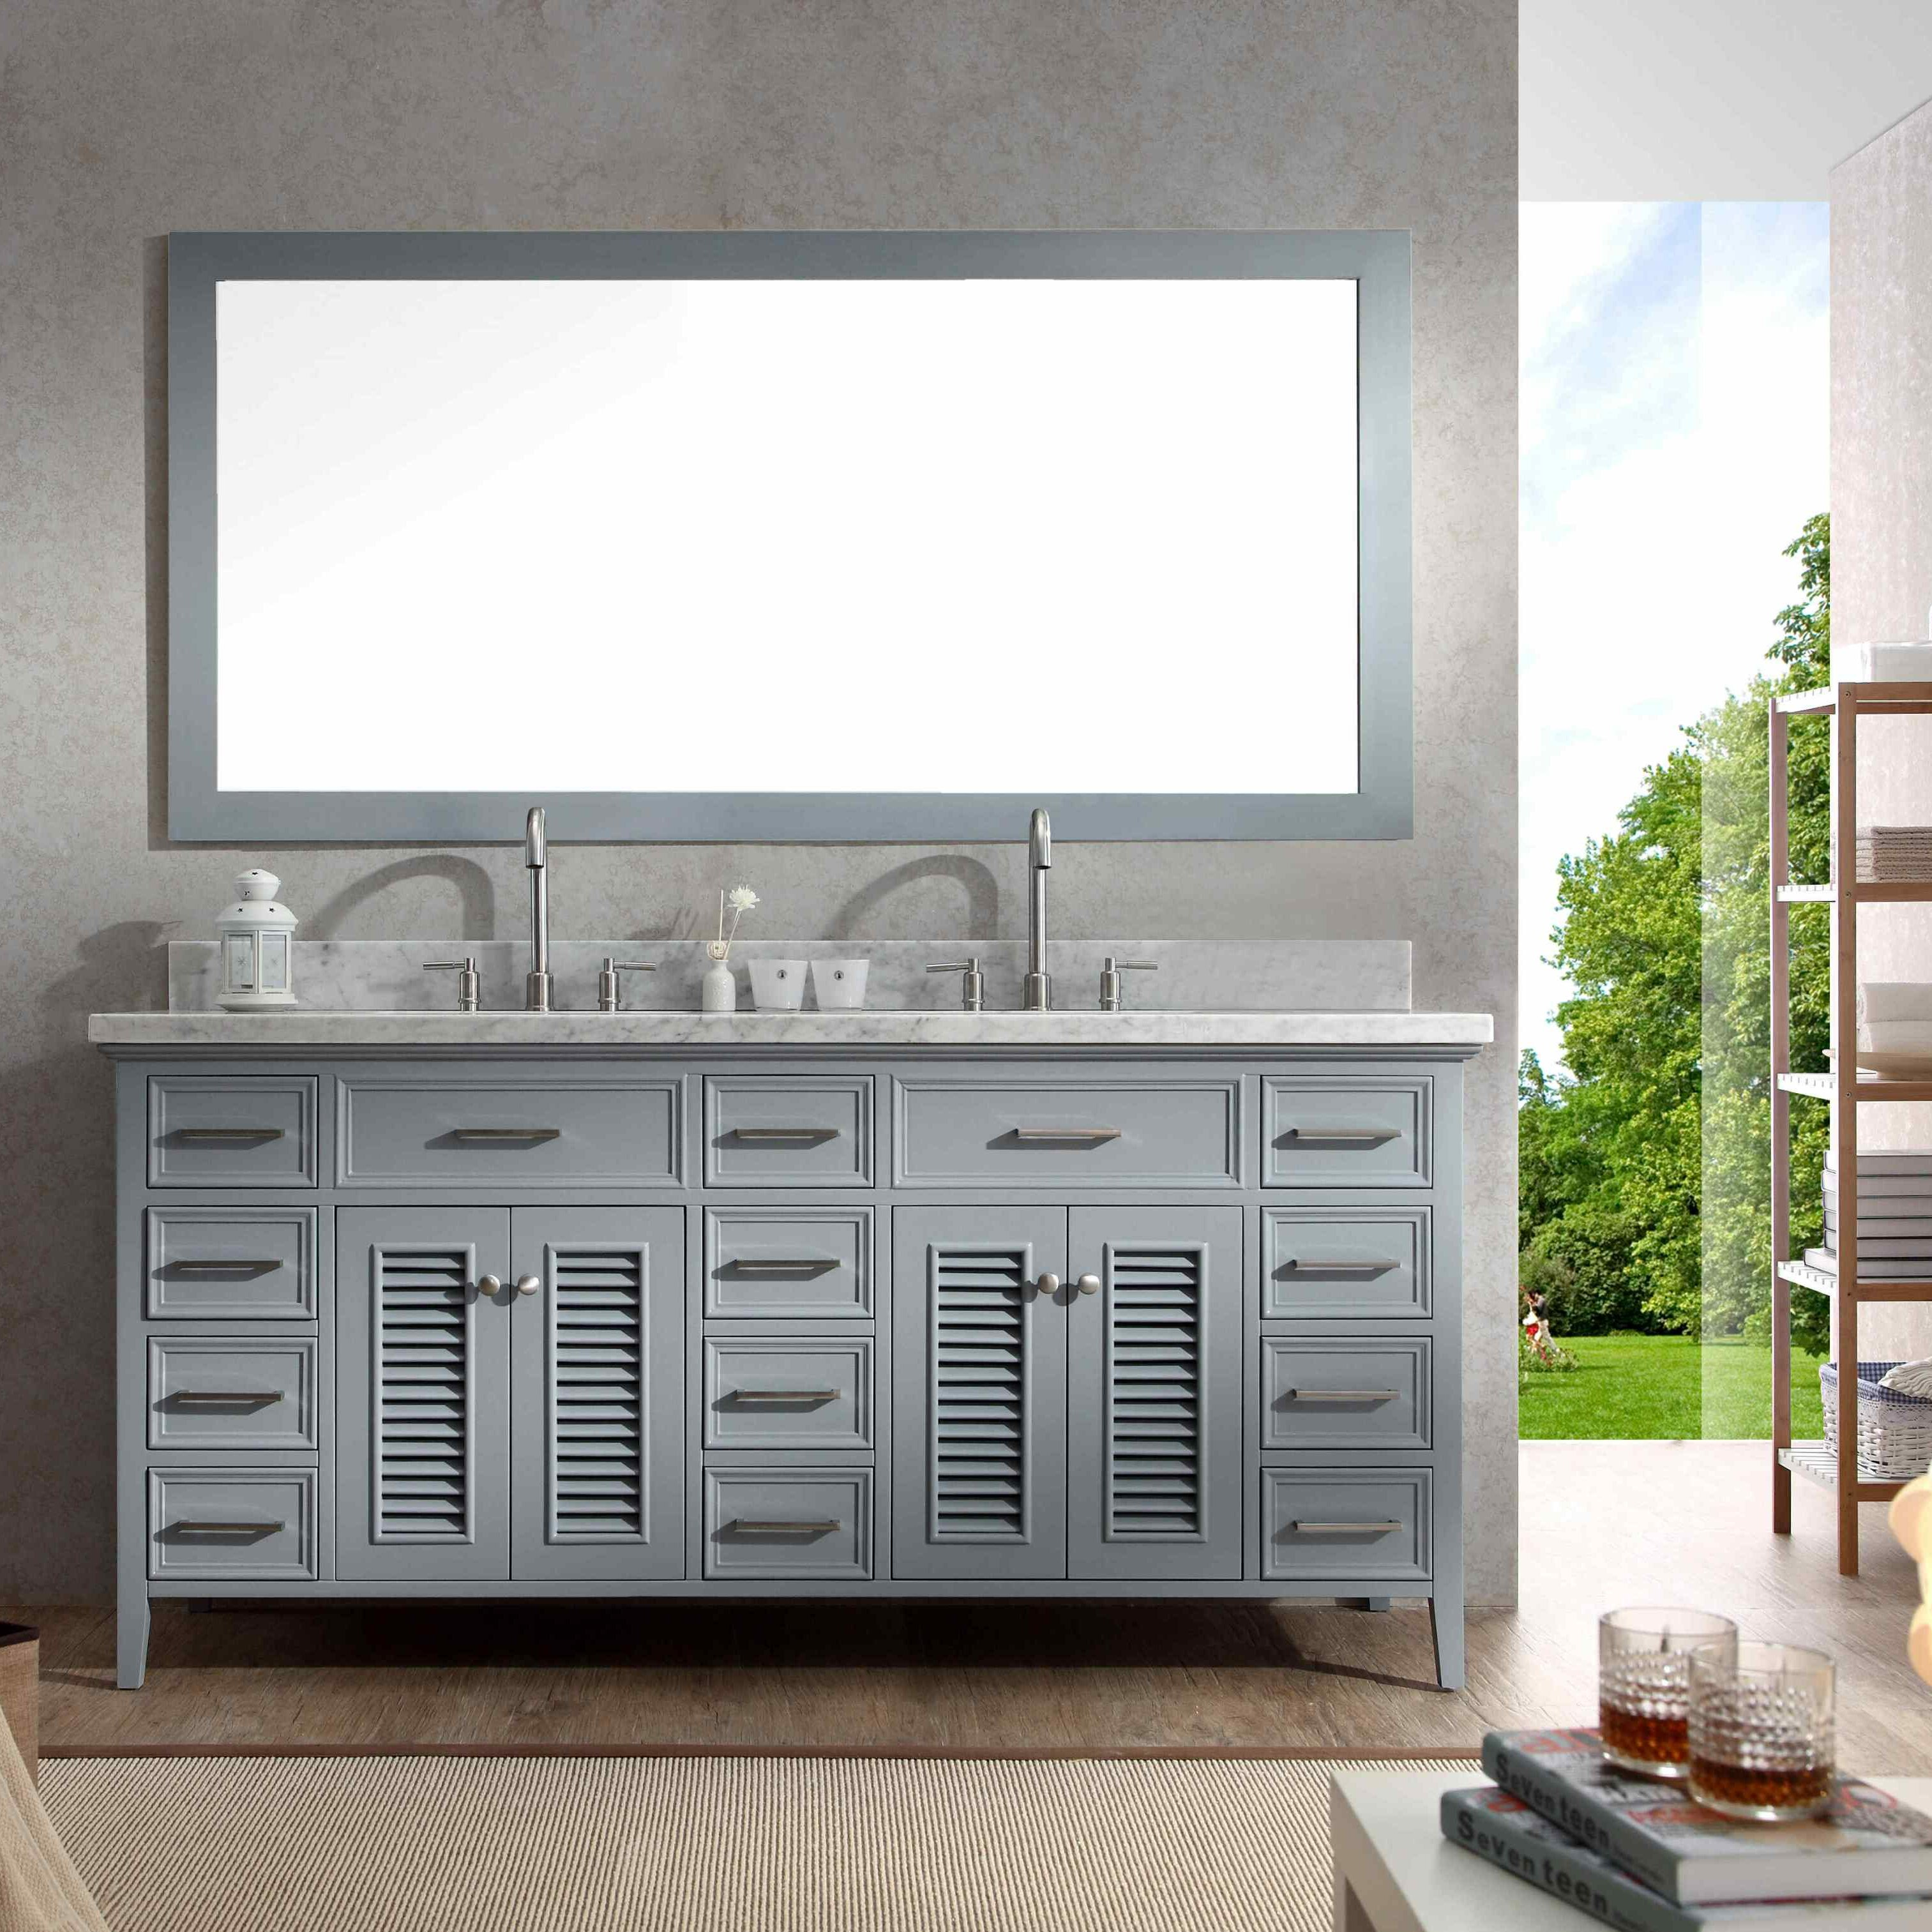 Ariel Bath Kensington 73 Double Bathroom Vanity Set with Mirror – Bathroom Vanity and Mirror Set